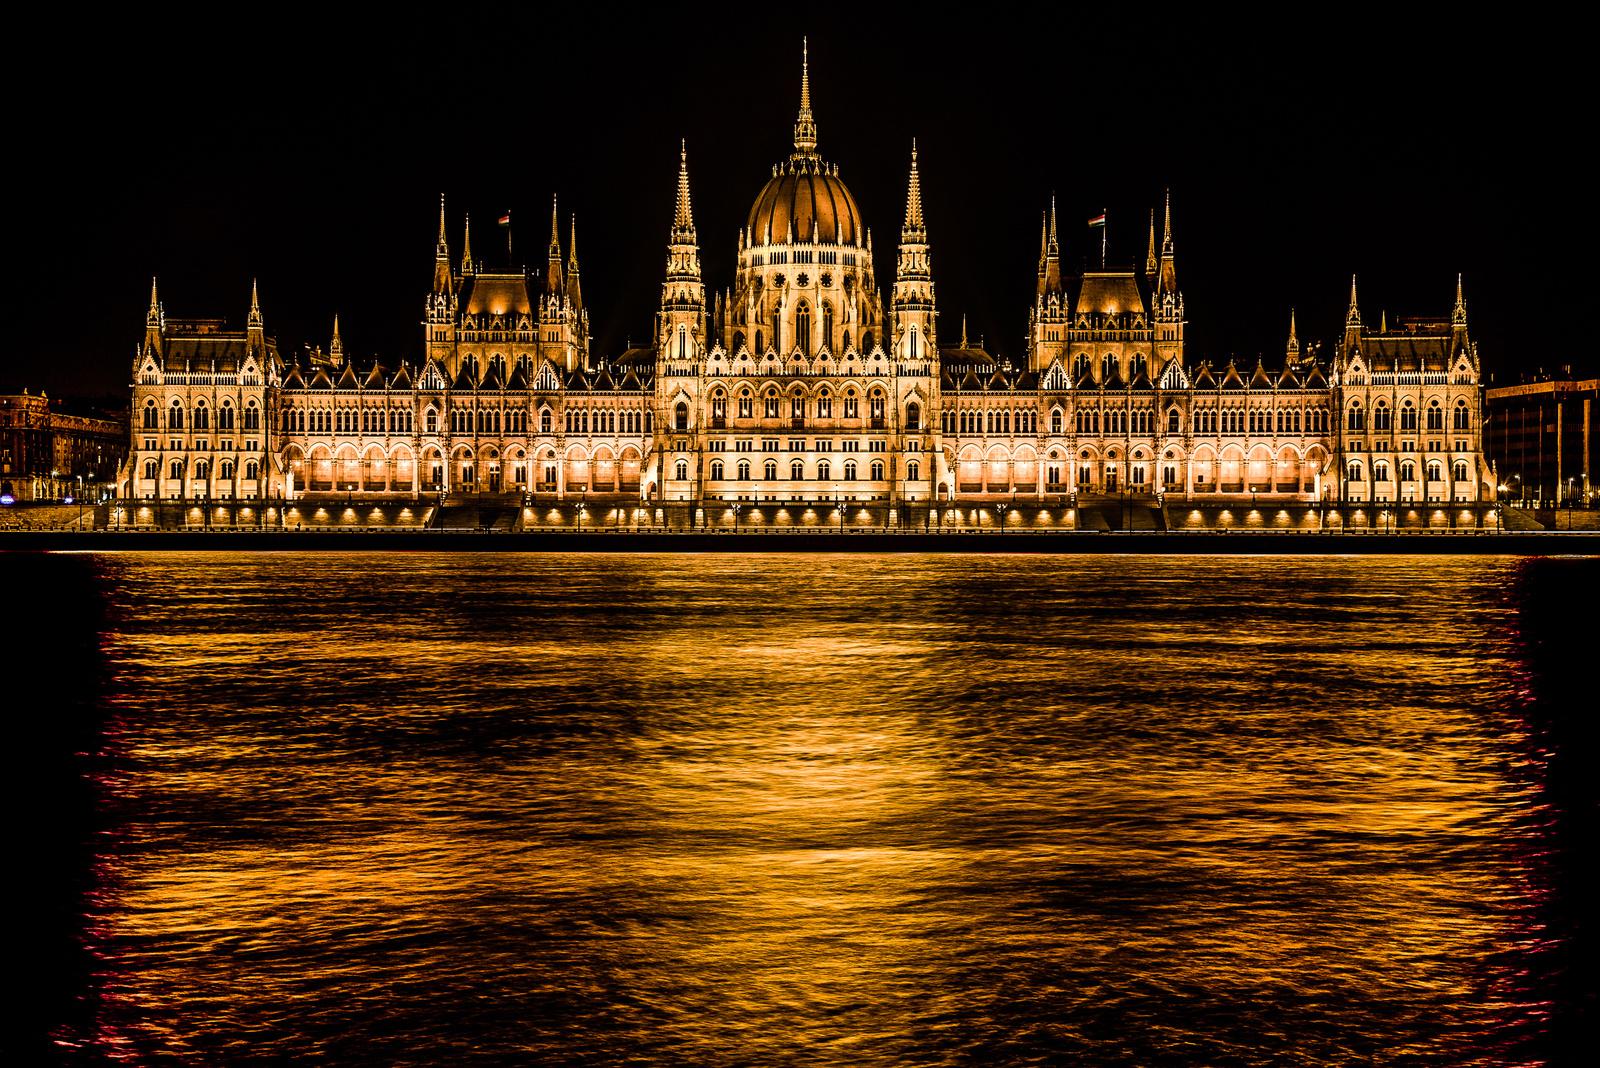 Aranyparlament